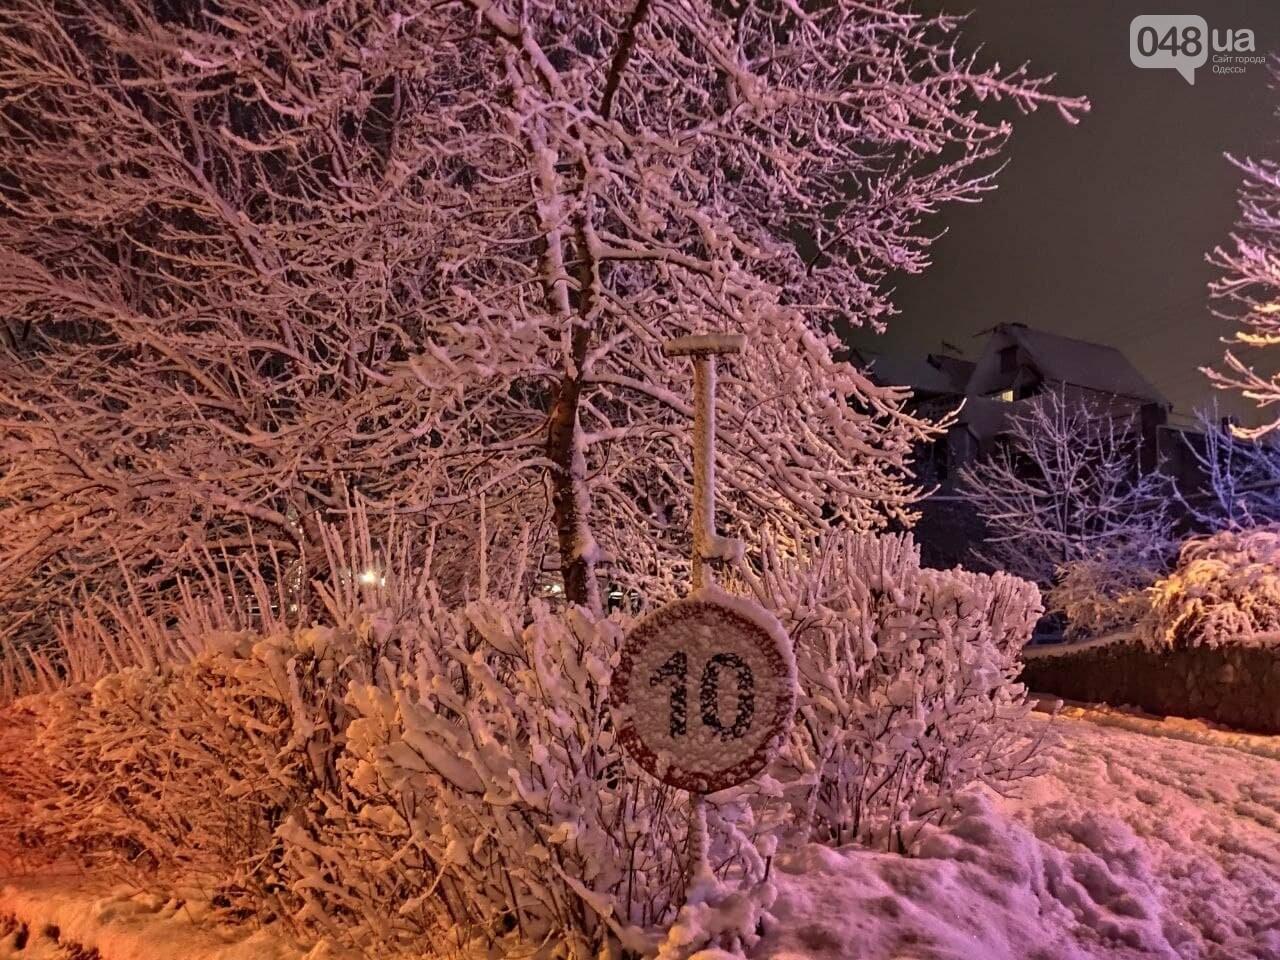 Зимняя сказка на одесской Рублевке: как выглядит Совиньон в снегу, - ФОТОРЕПОРТАЖ, фото-20